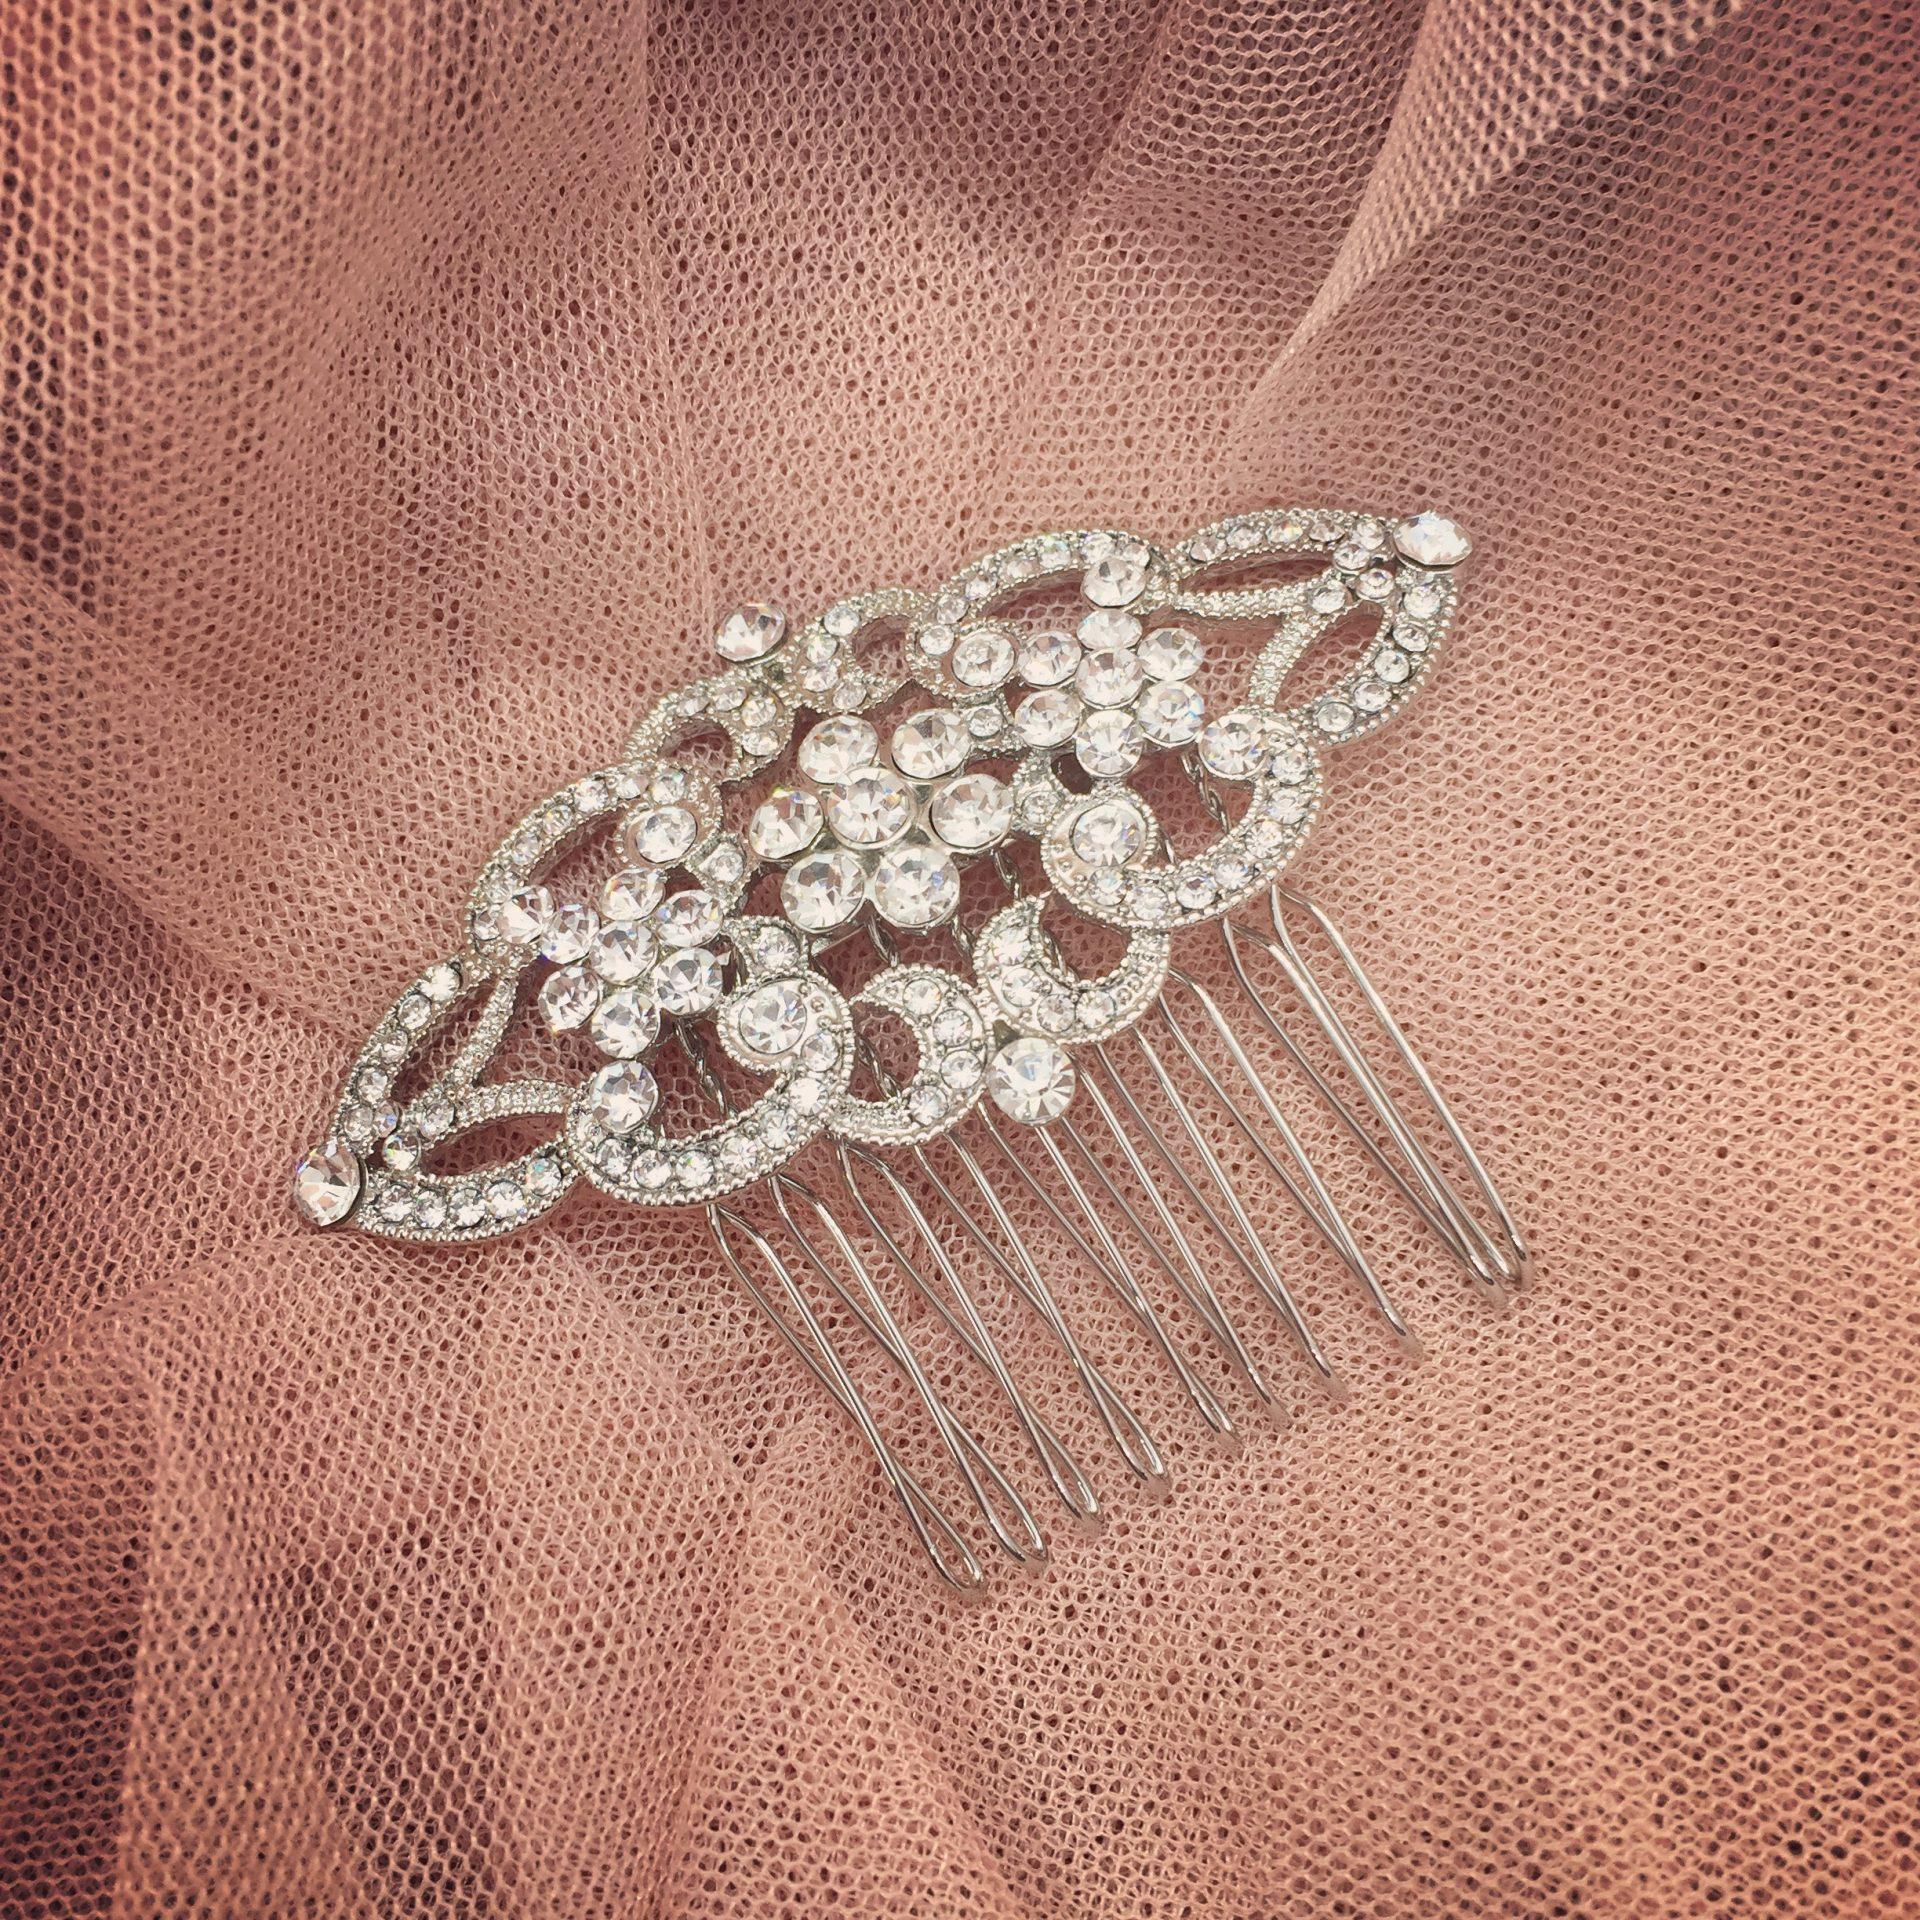 13. Little Beauty – Comb (i)